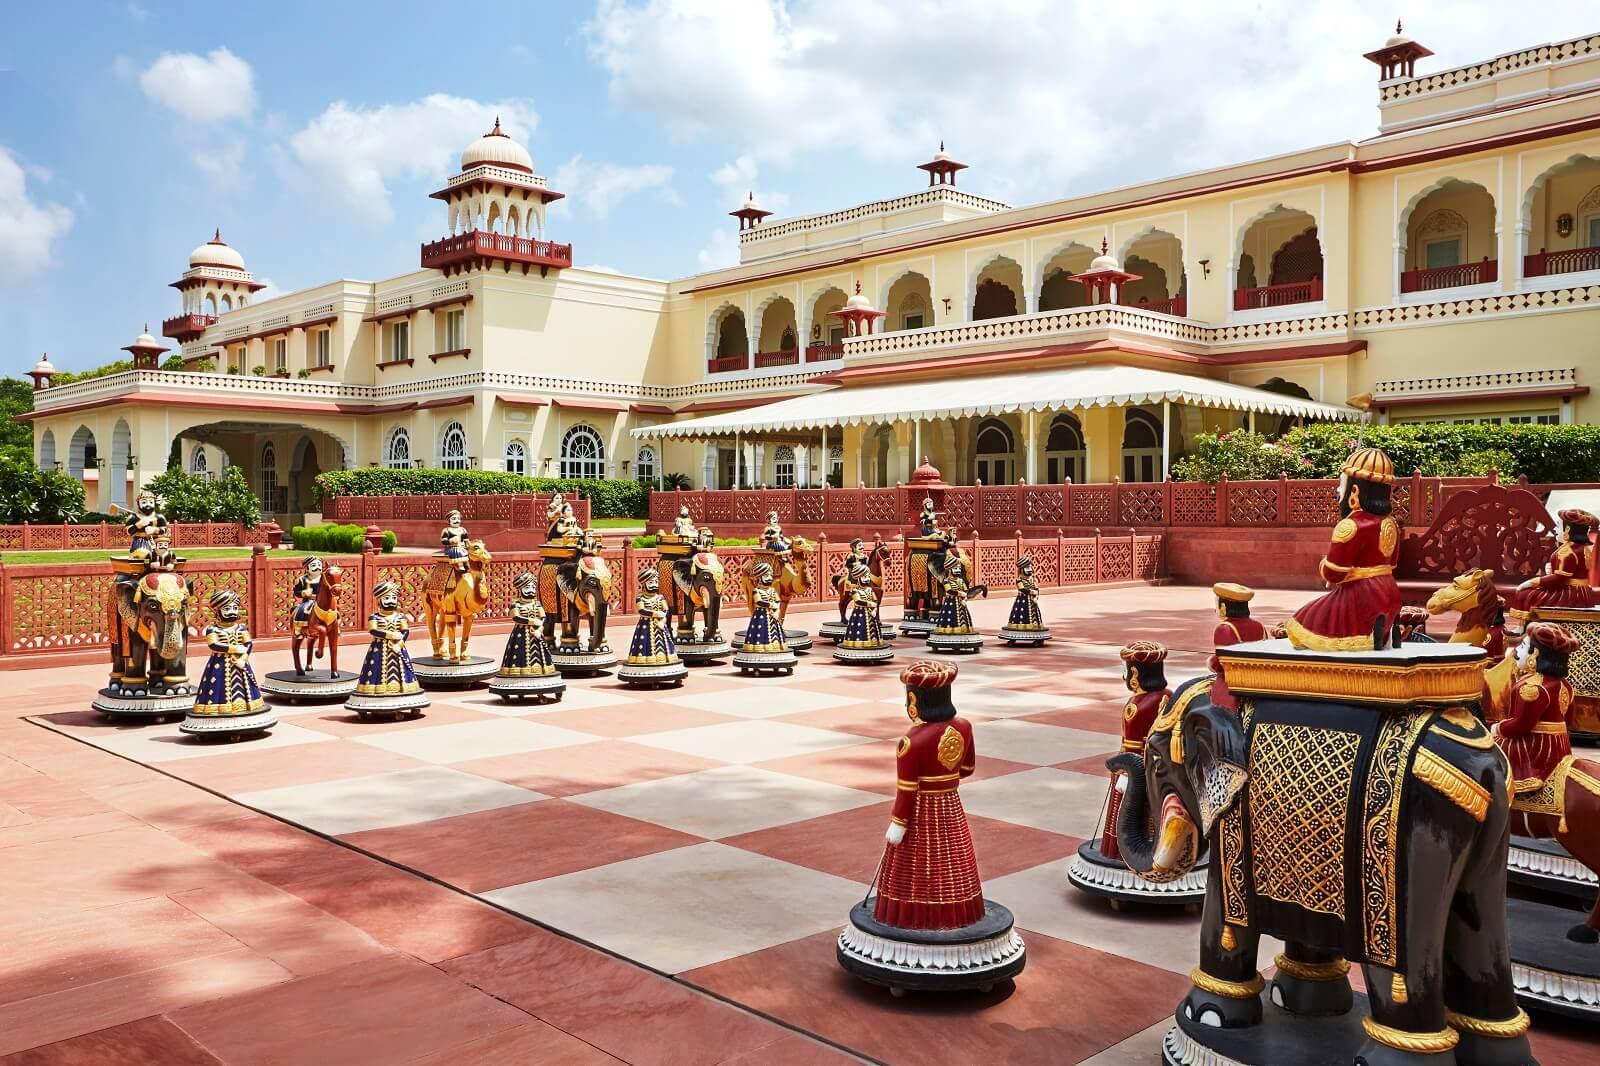 Chessboard Game at Jai Mahal Palace